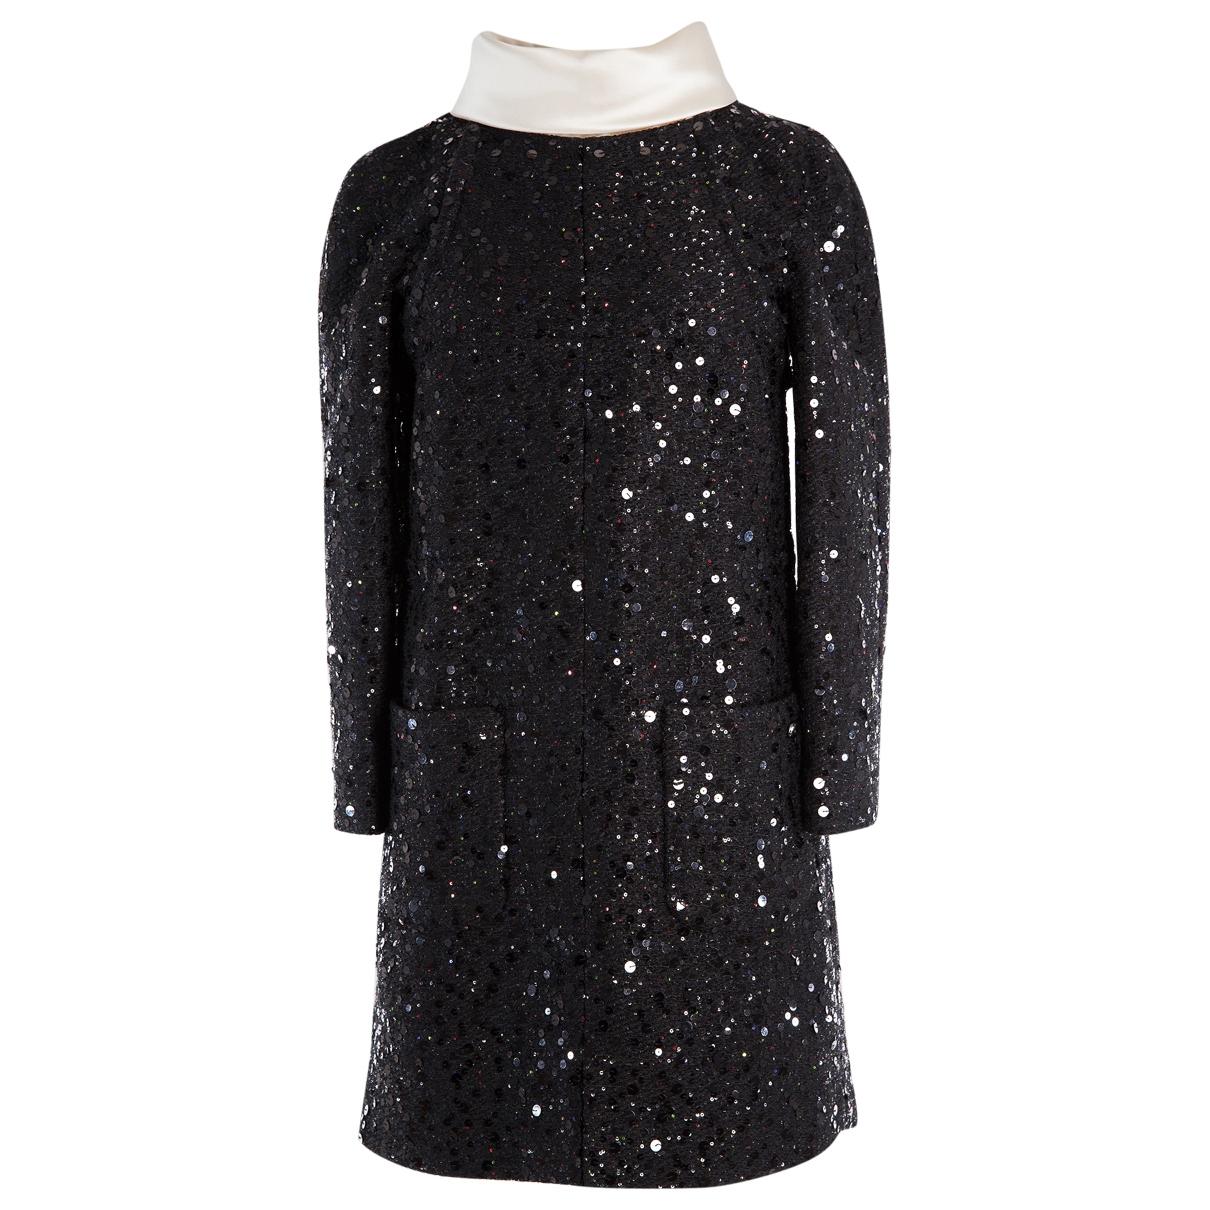 Chanel \N Kleid in  Schwarz Tweed